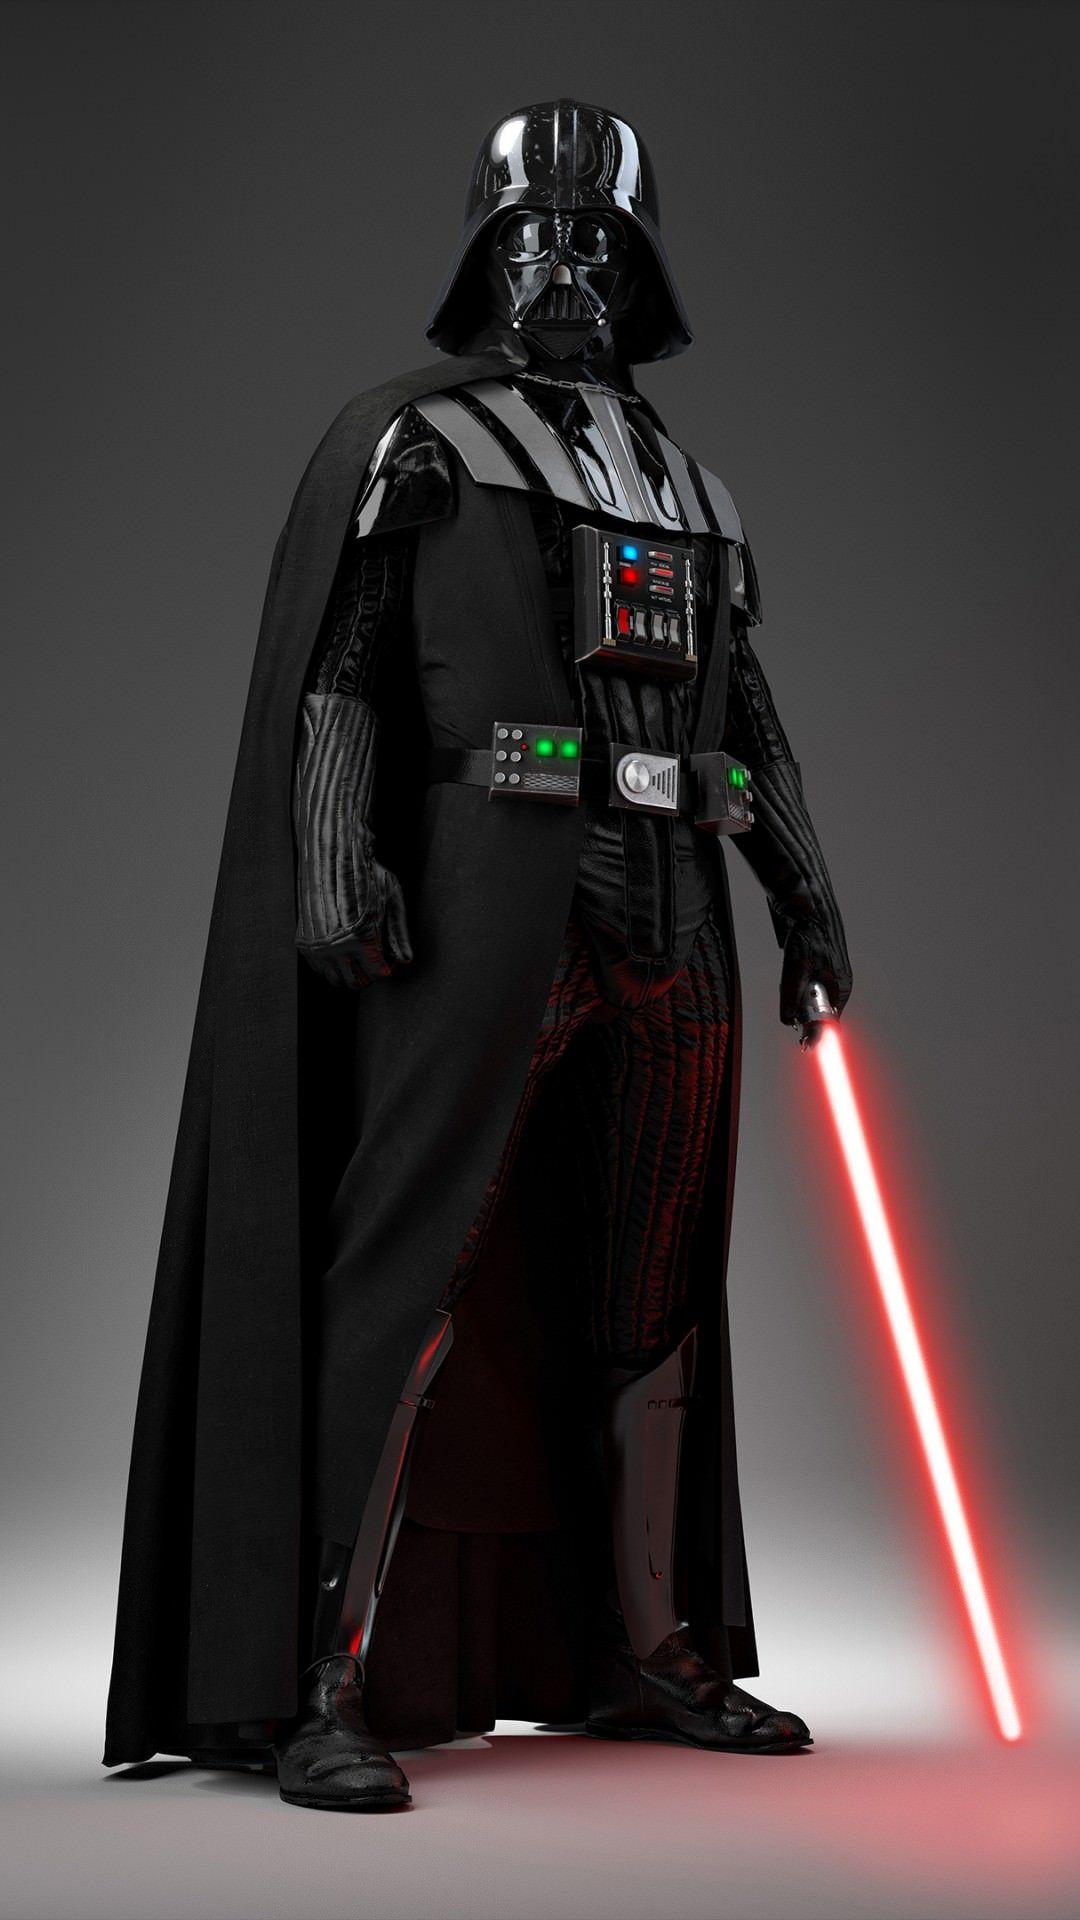 Darth Vader Star Wars Iphone Background Cinematics